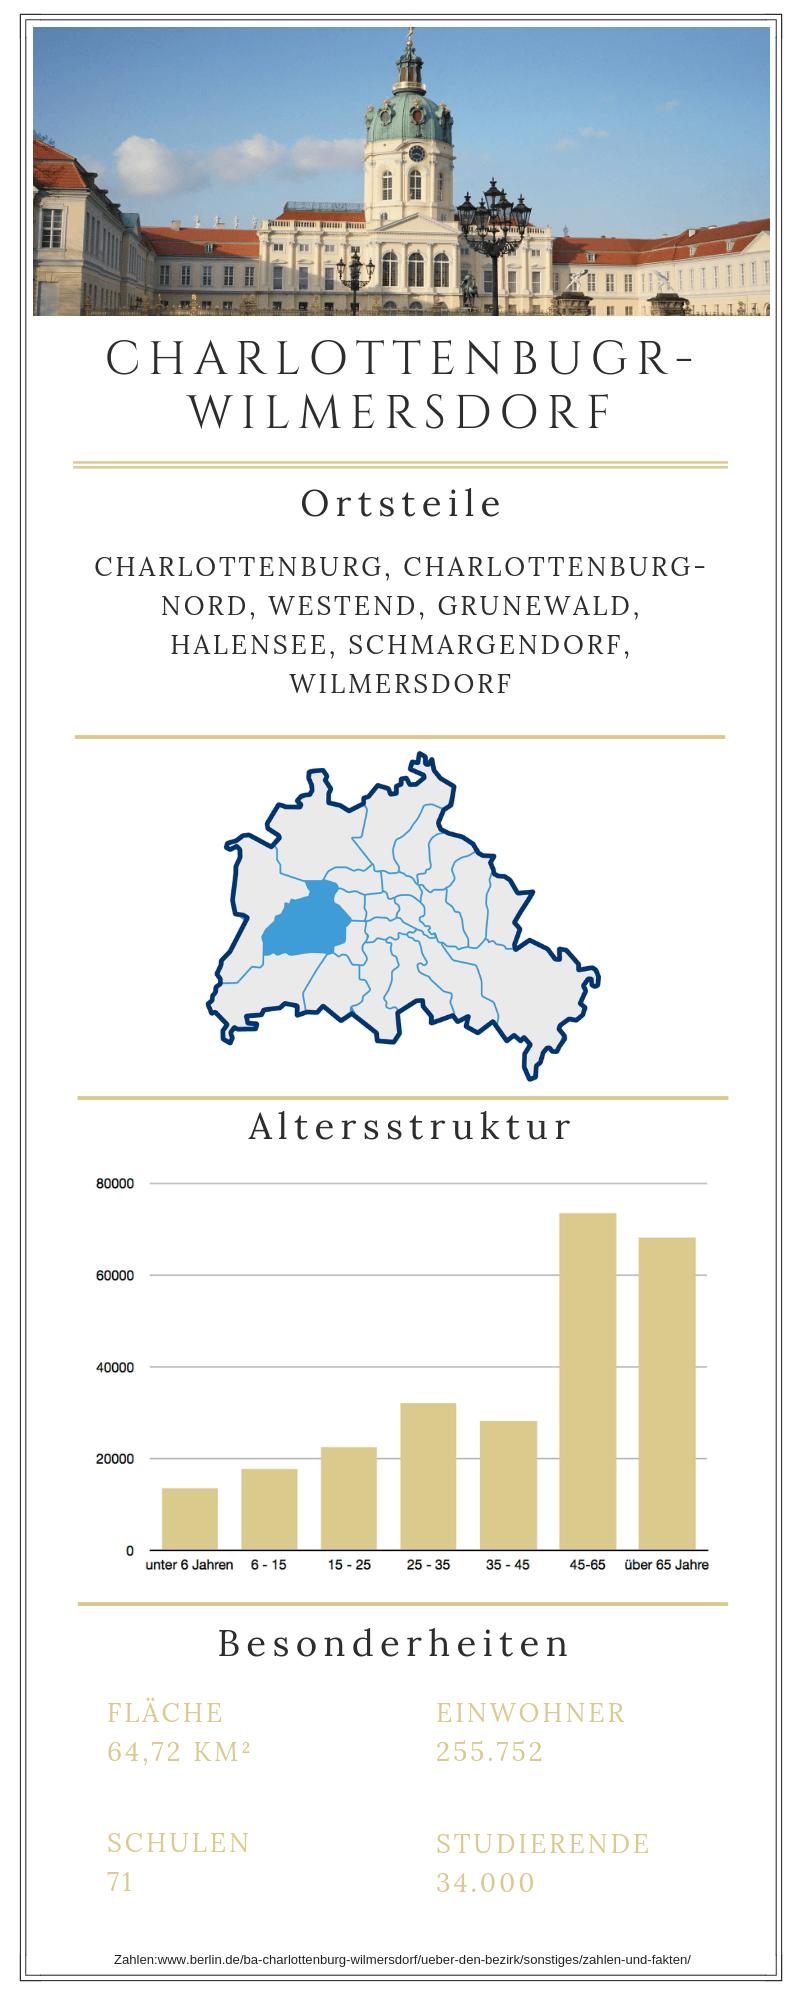 Grafische Darstellung des Berliner Bezirkes Charlottenburg-Wilmersdorf